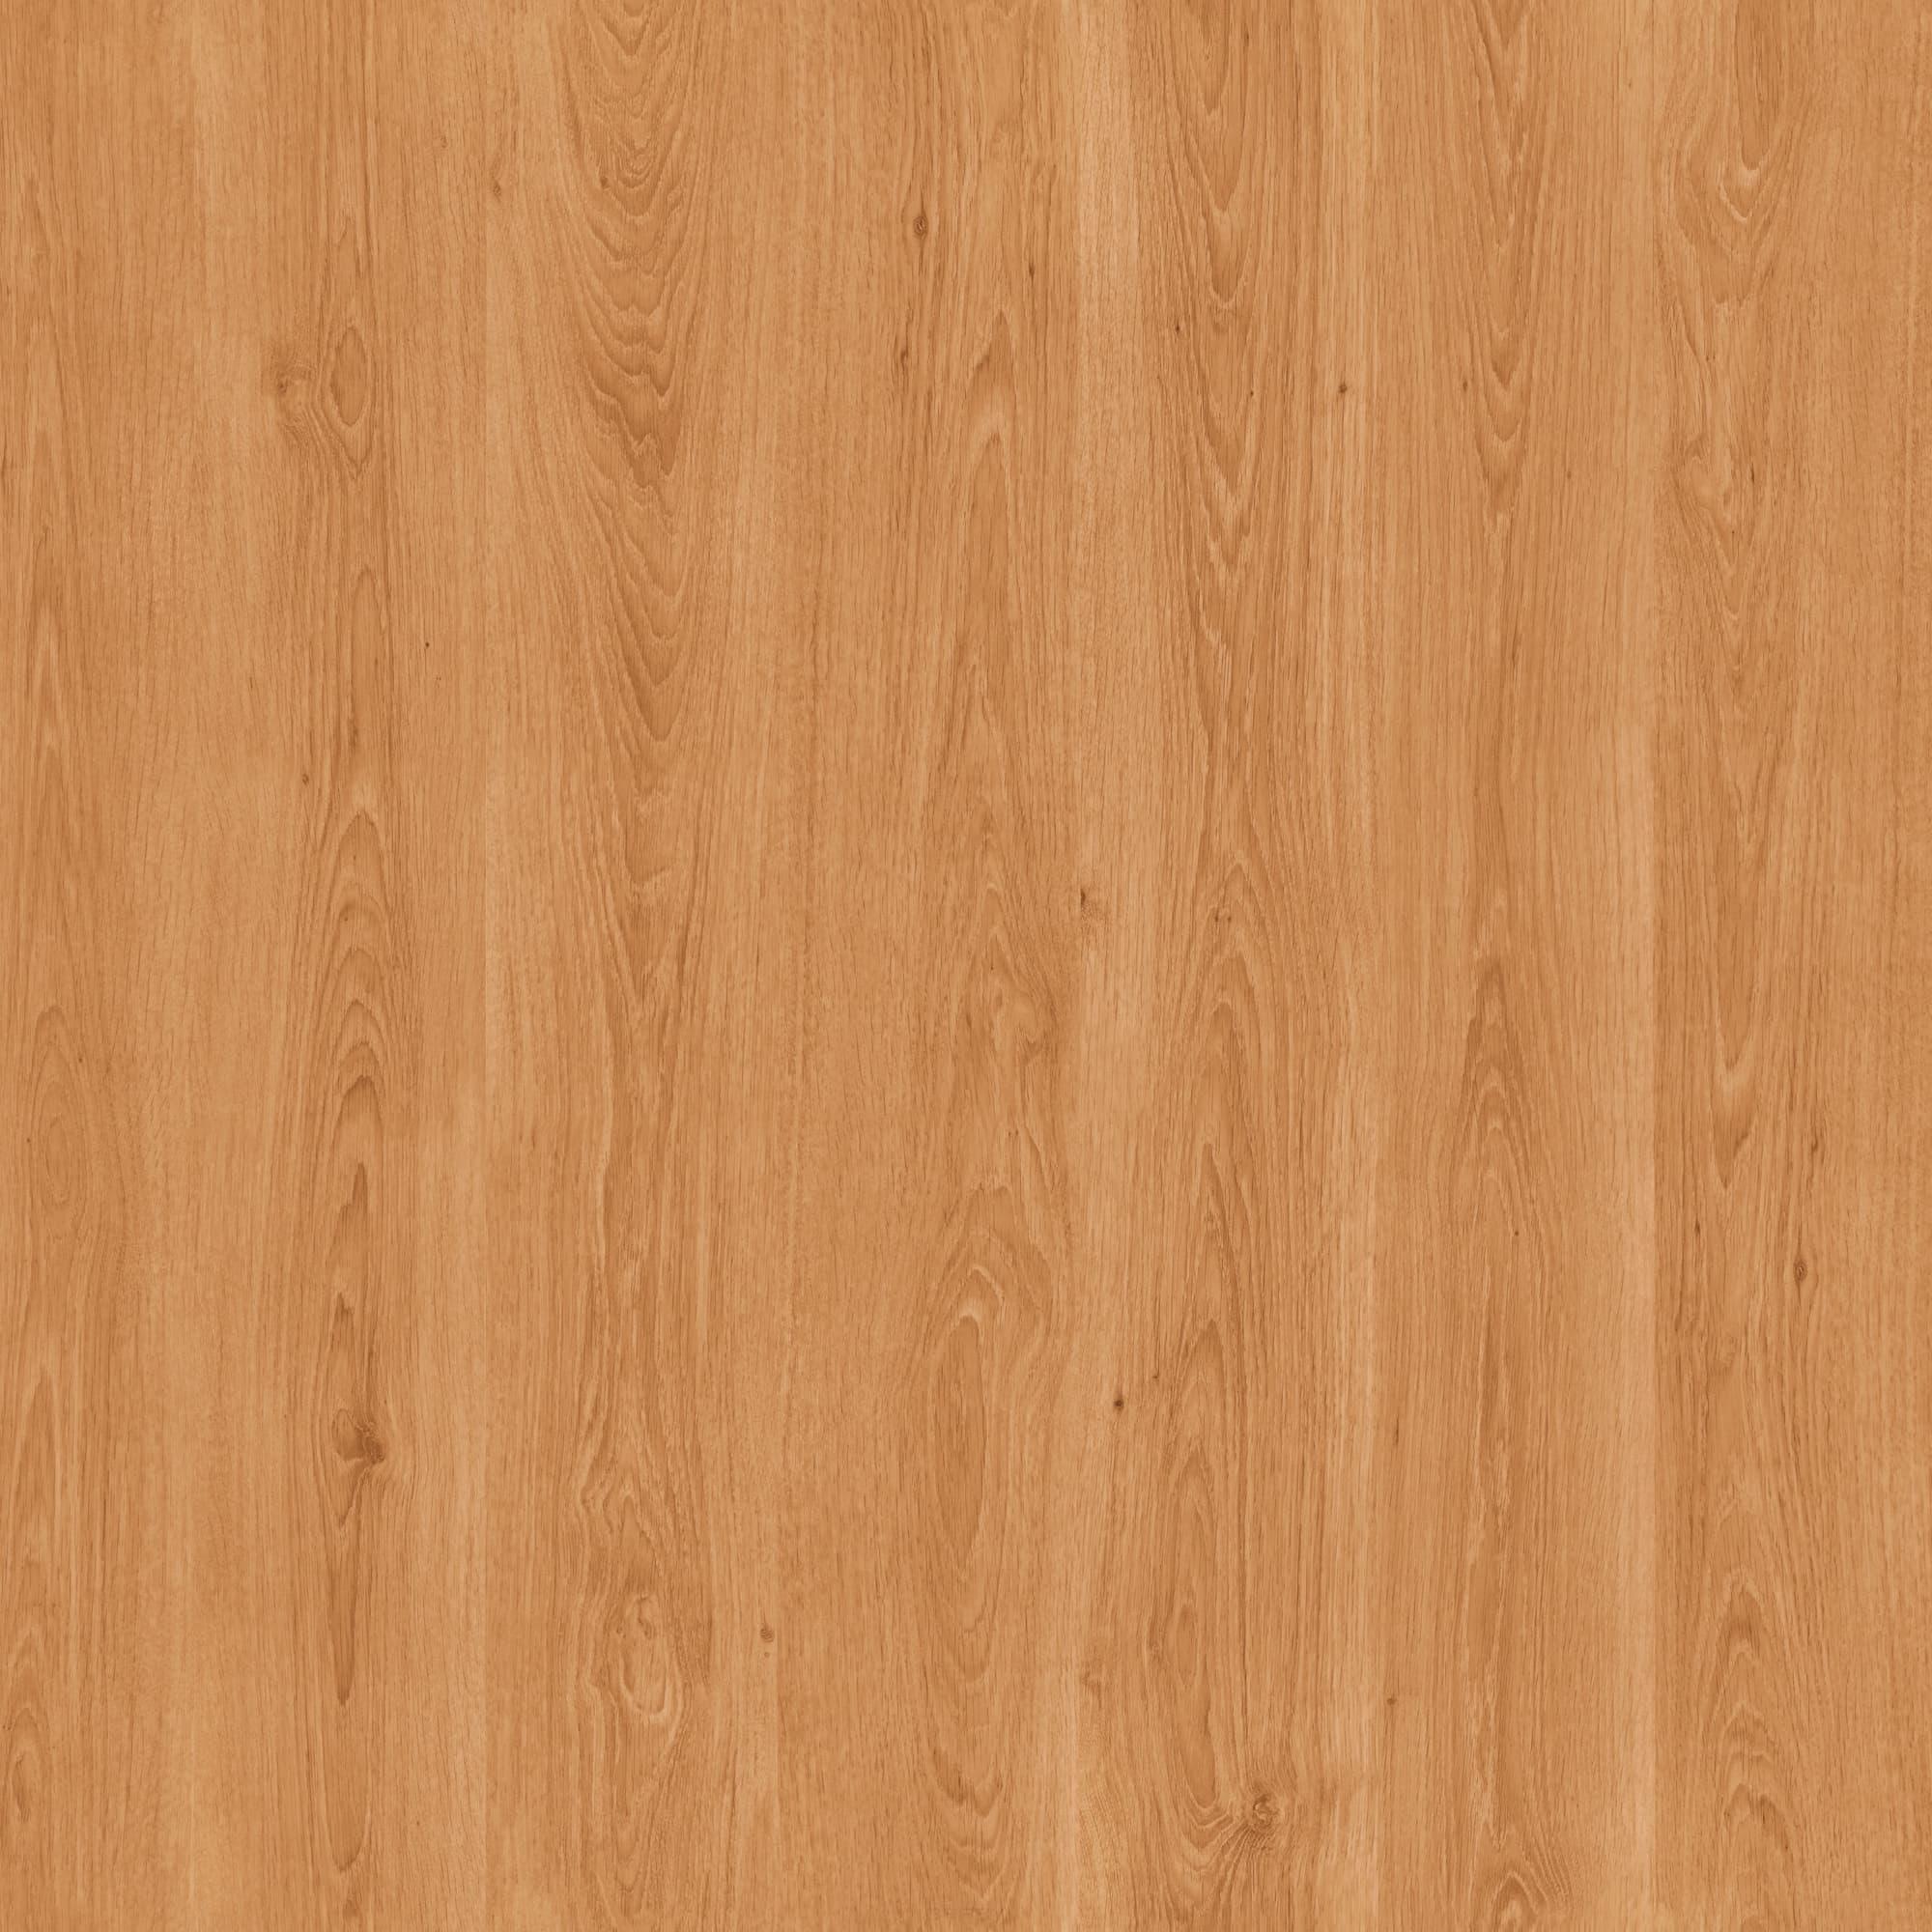 Имидж Мастер, Стойка администратора ресепшн Визион (18 цветов) Ольха мебель салона стойка администратора карина 34 цвета ольха